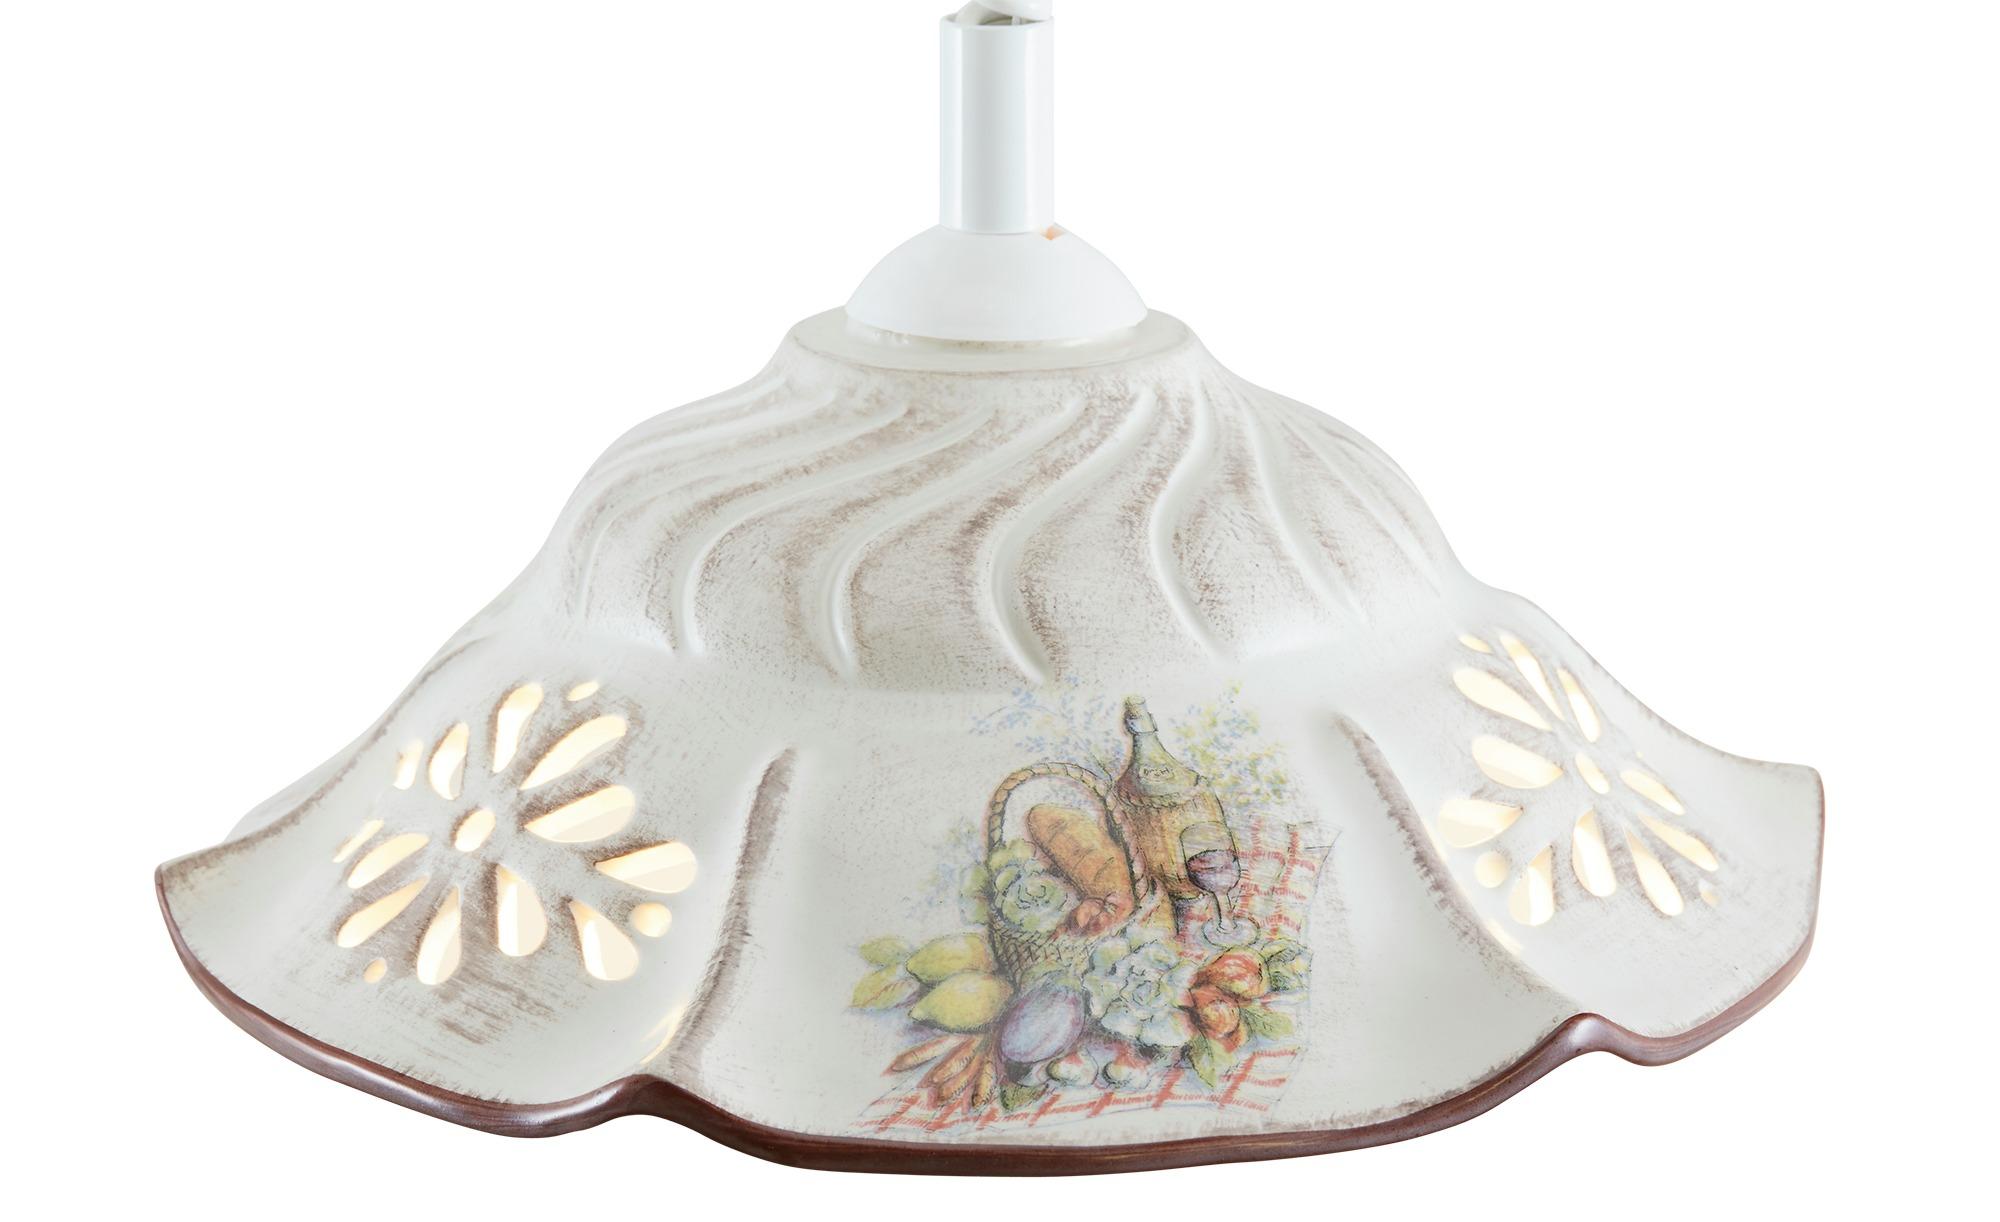 Keramik-Pendelleuchte, 1-flammig, ´Picknick` ¦ weiß ¦ Maße (cm): H: 100 Ø: 38 Lampen & Leuchten > Innenleuchten > Pendelleuchten - Höffner